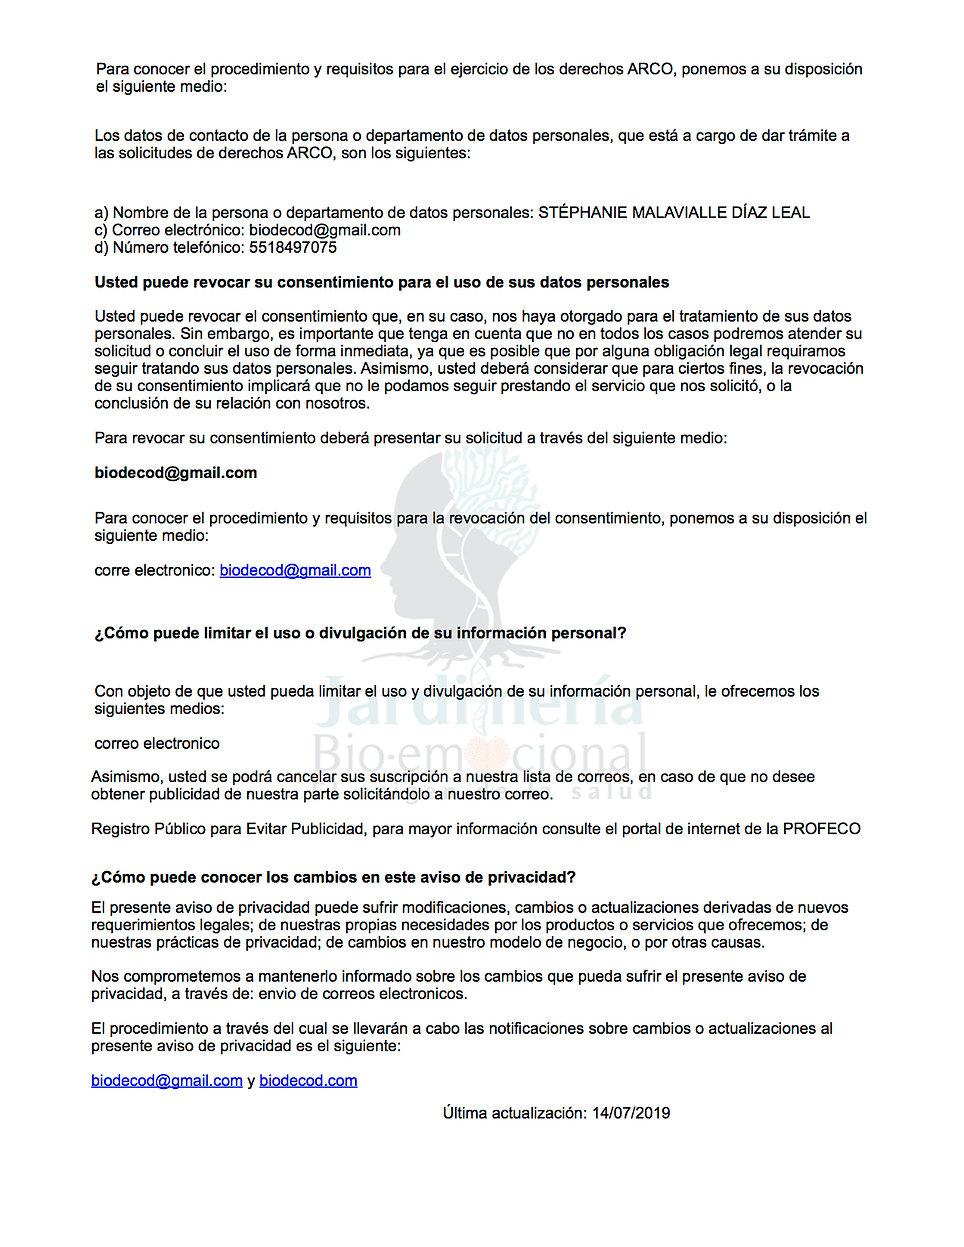 Aviso_de_privacidad__-_Biodecod_México_2